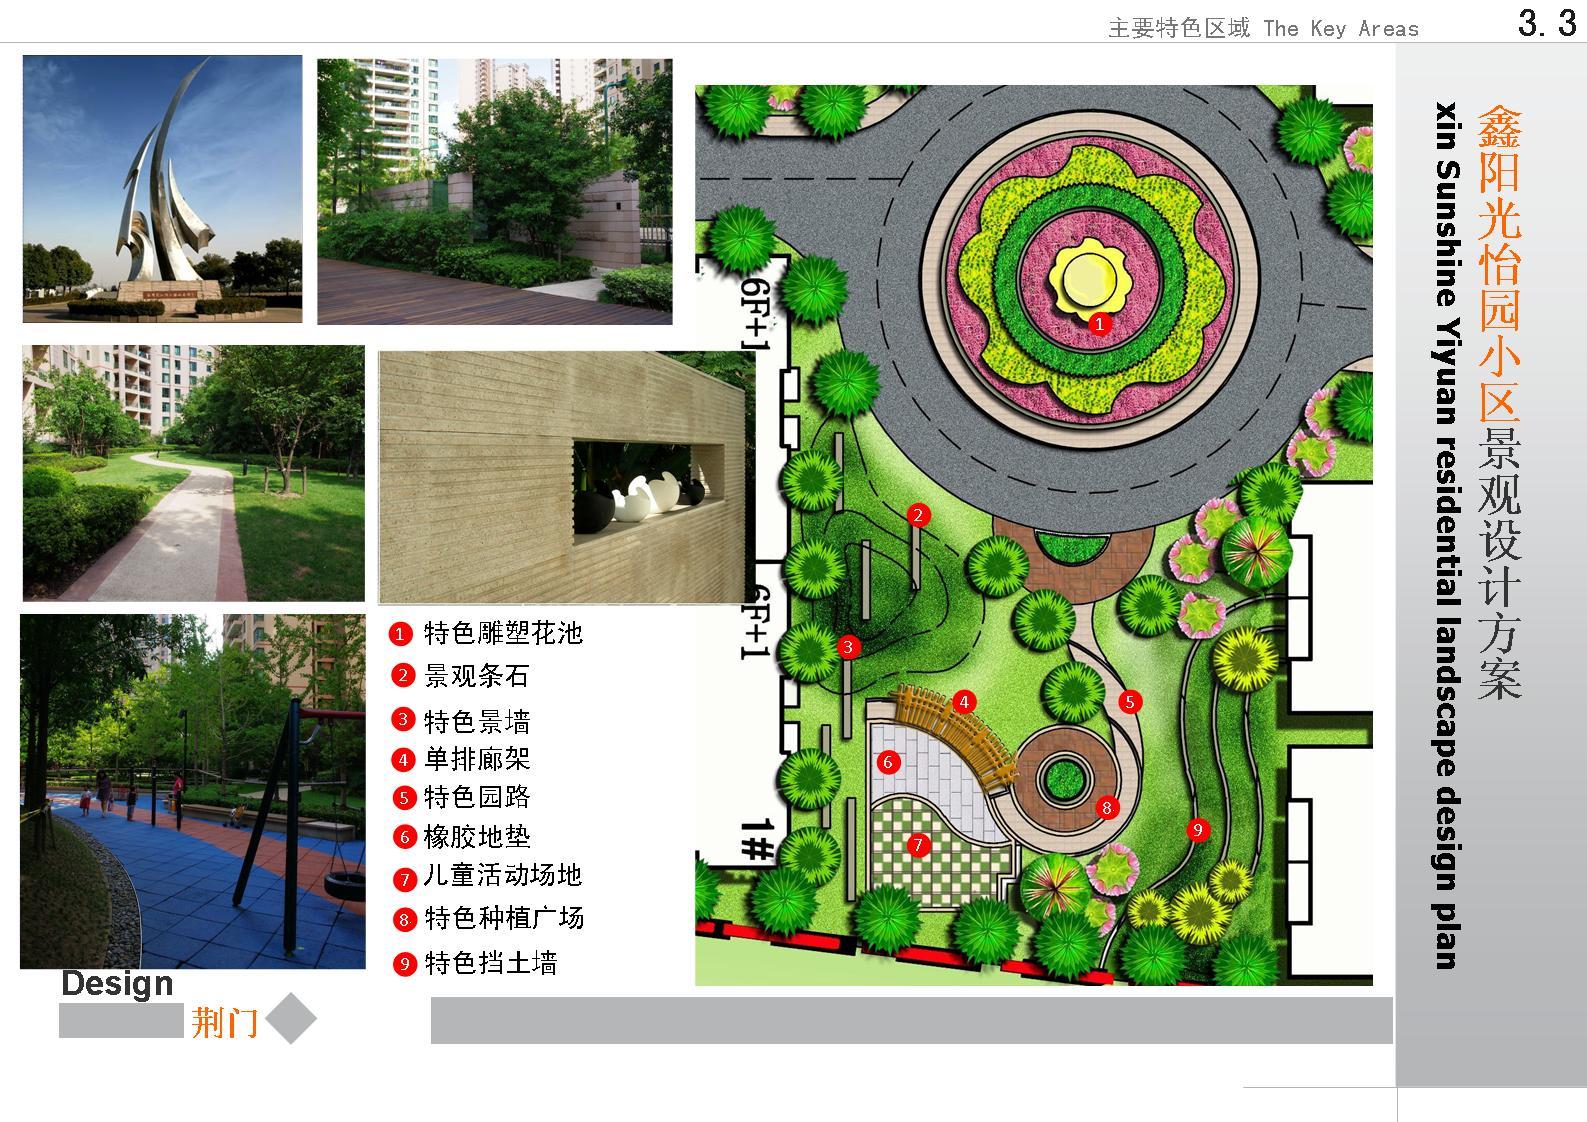 您当前的位置是:首页 >> 案例展示 >> 住宅小区景观设计